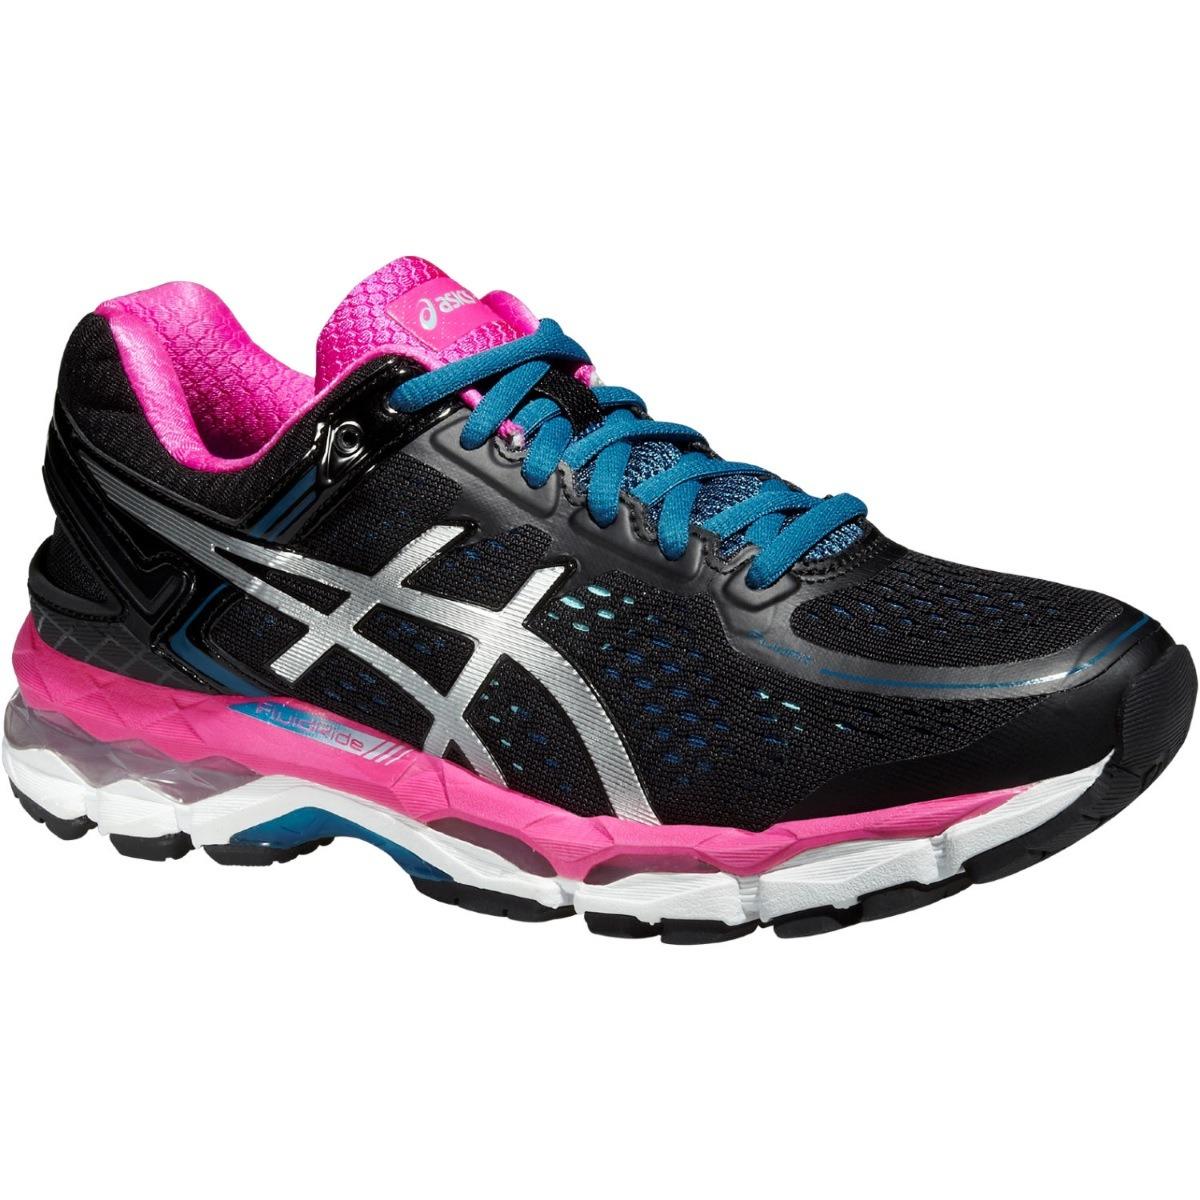 2aad4835c59 Características. Marca Asics  Modelo KAYANO 22  Género Mujer  Estilo  Deportivo  Deportes recomedados Training  Tipo de calzado Tenis